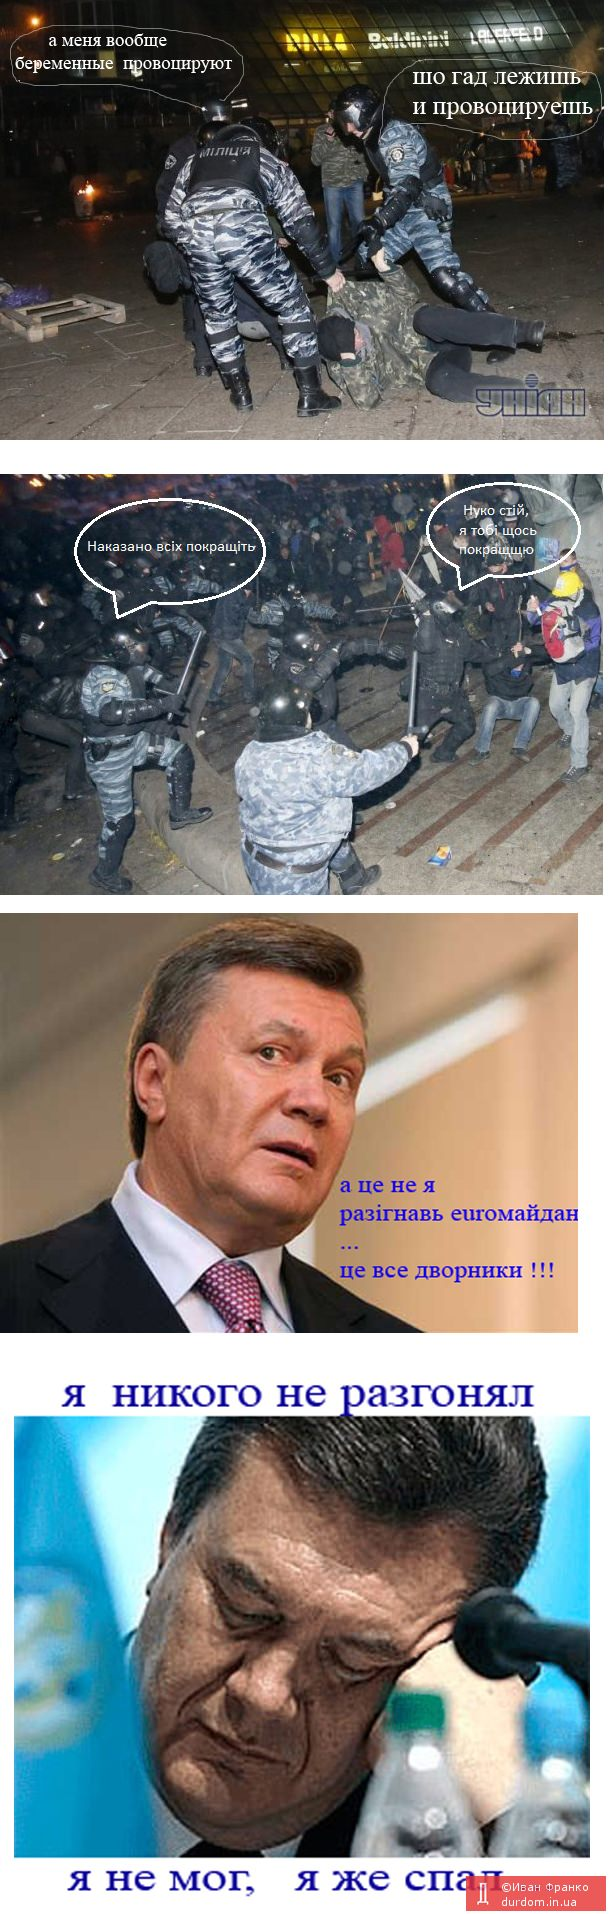 Майданівський гумор + фотожаби та демотиватори. Частина 2 (4)